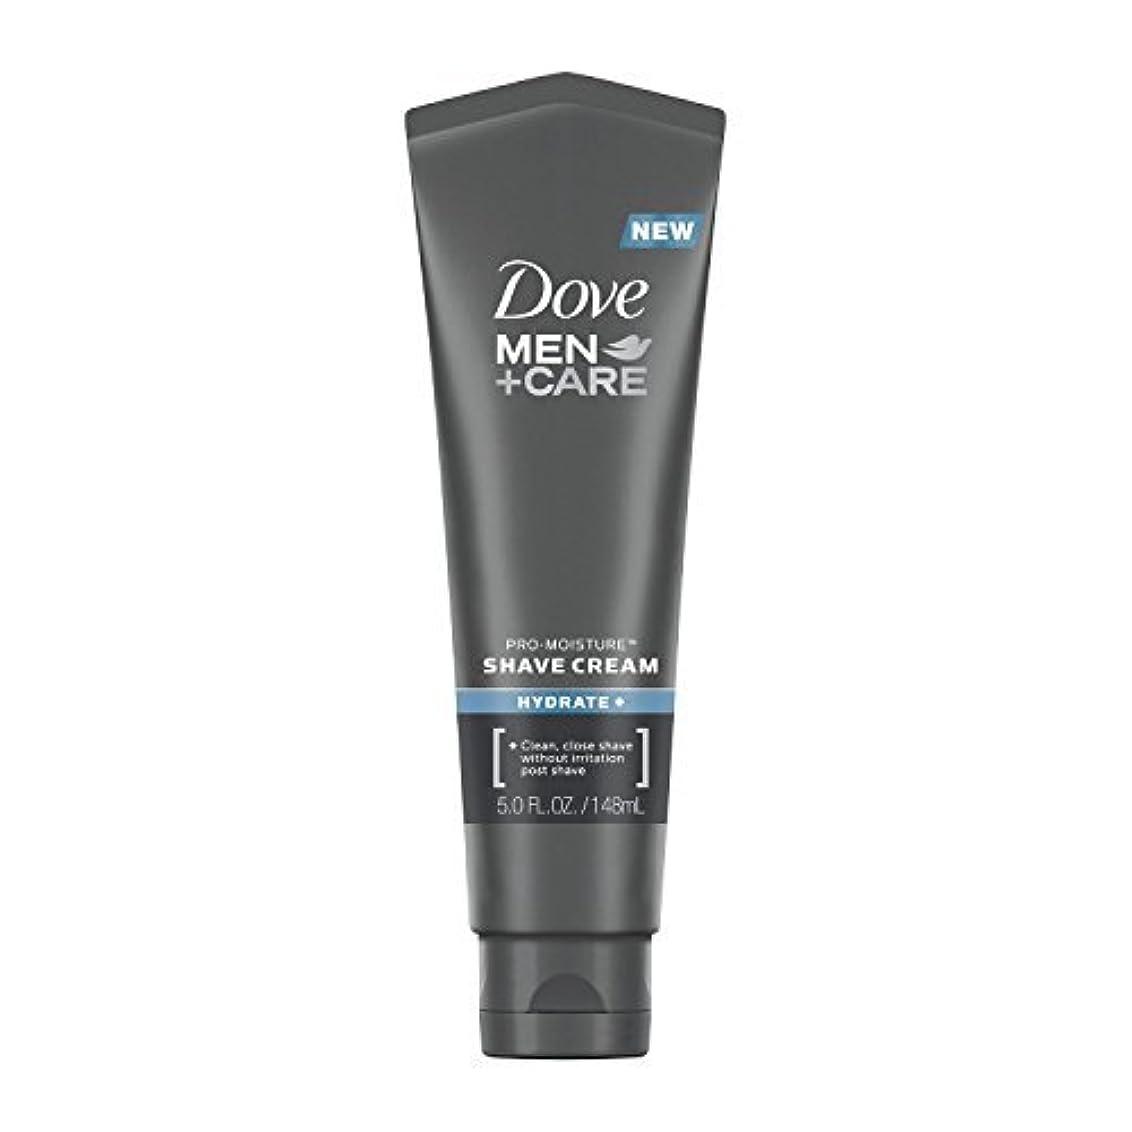 またはチューリップレーザDove Men +Care Shave Cream Hydrate+ Pro Moisture - 5 oz [並行輸入品]